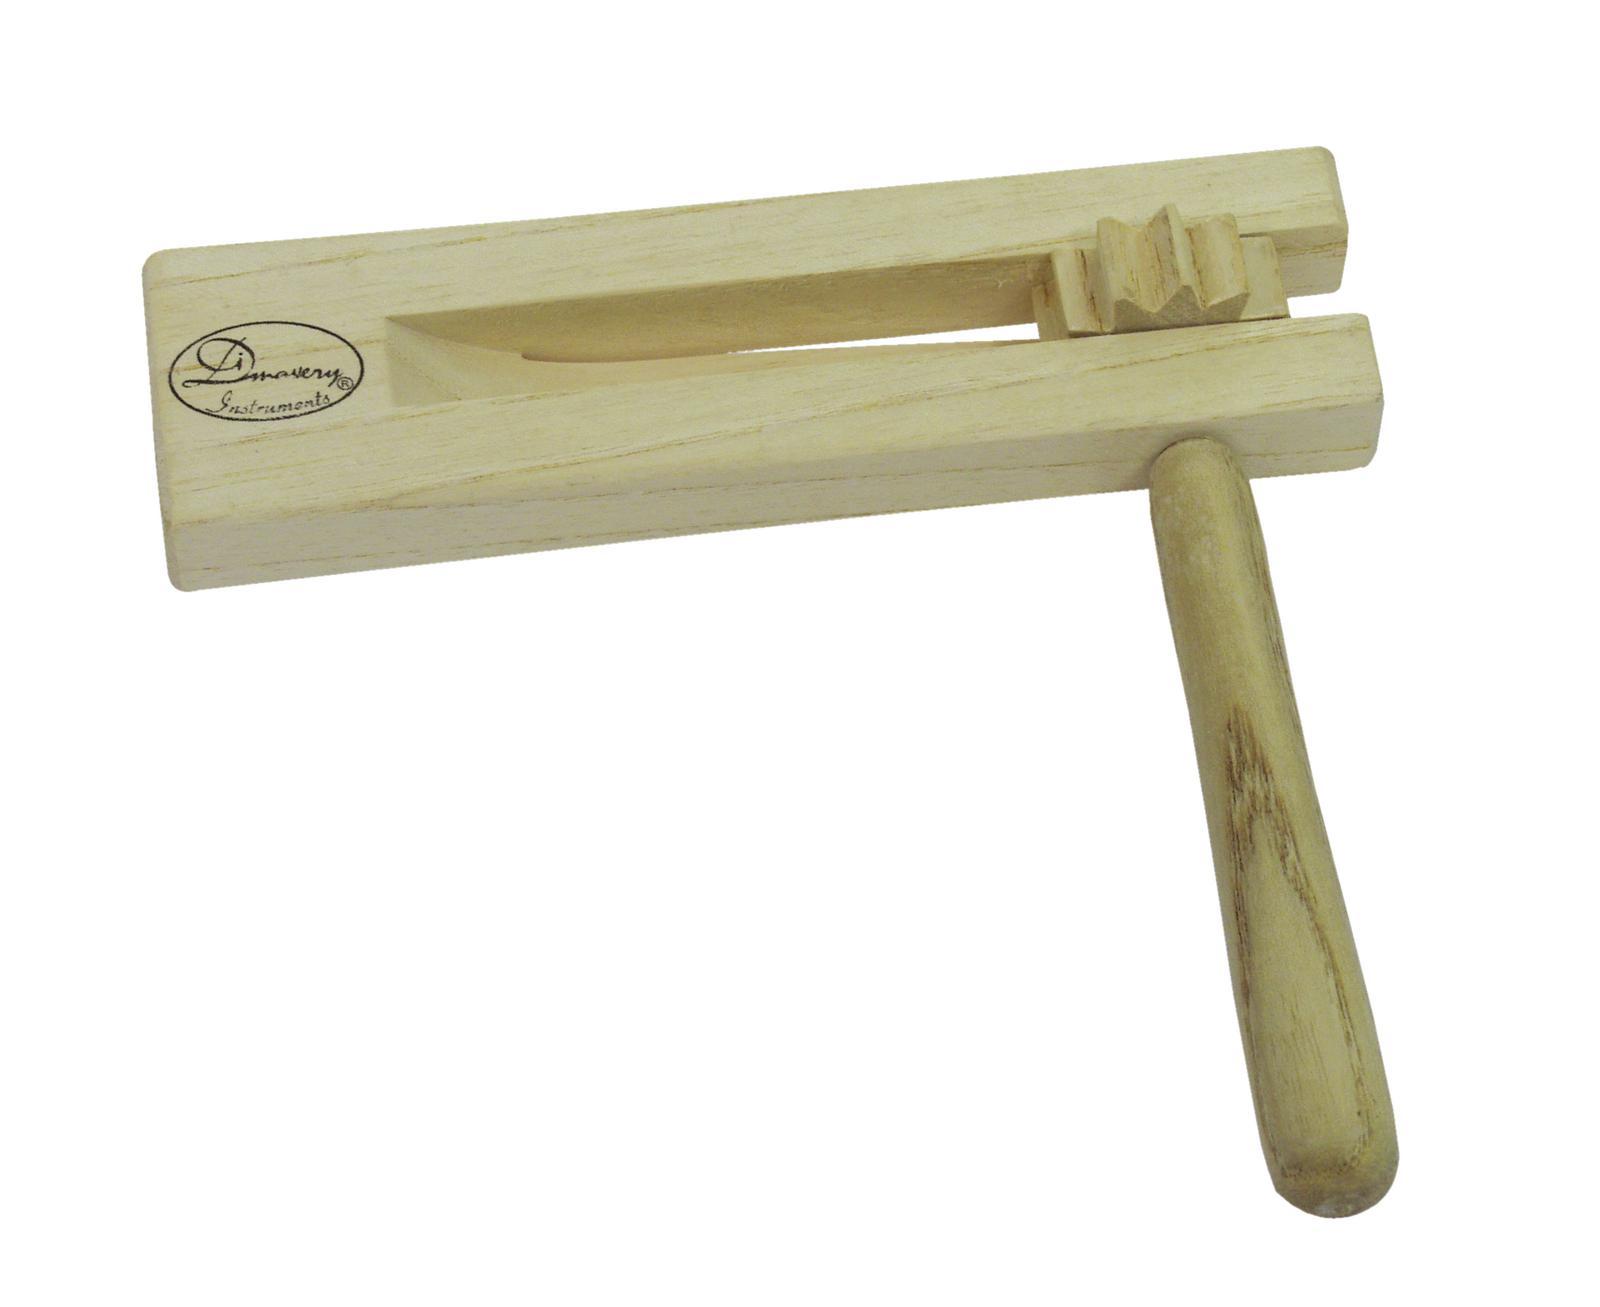 Cricchetto, ratchet, strumenti musicali, legno, DIMAVERY